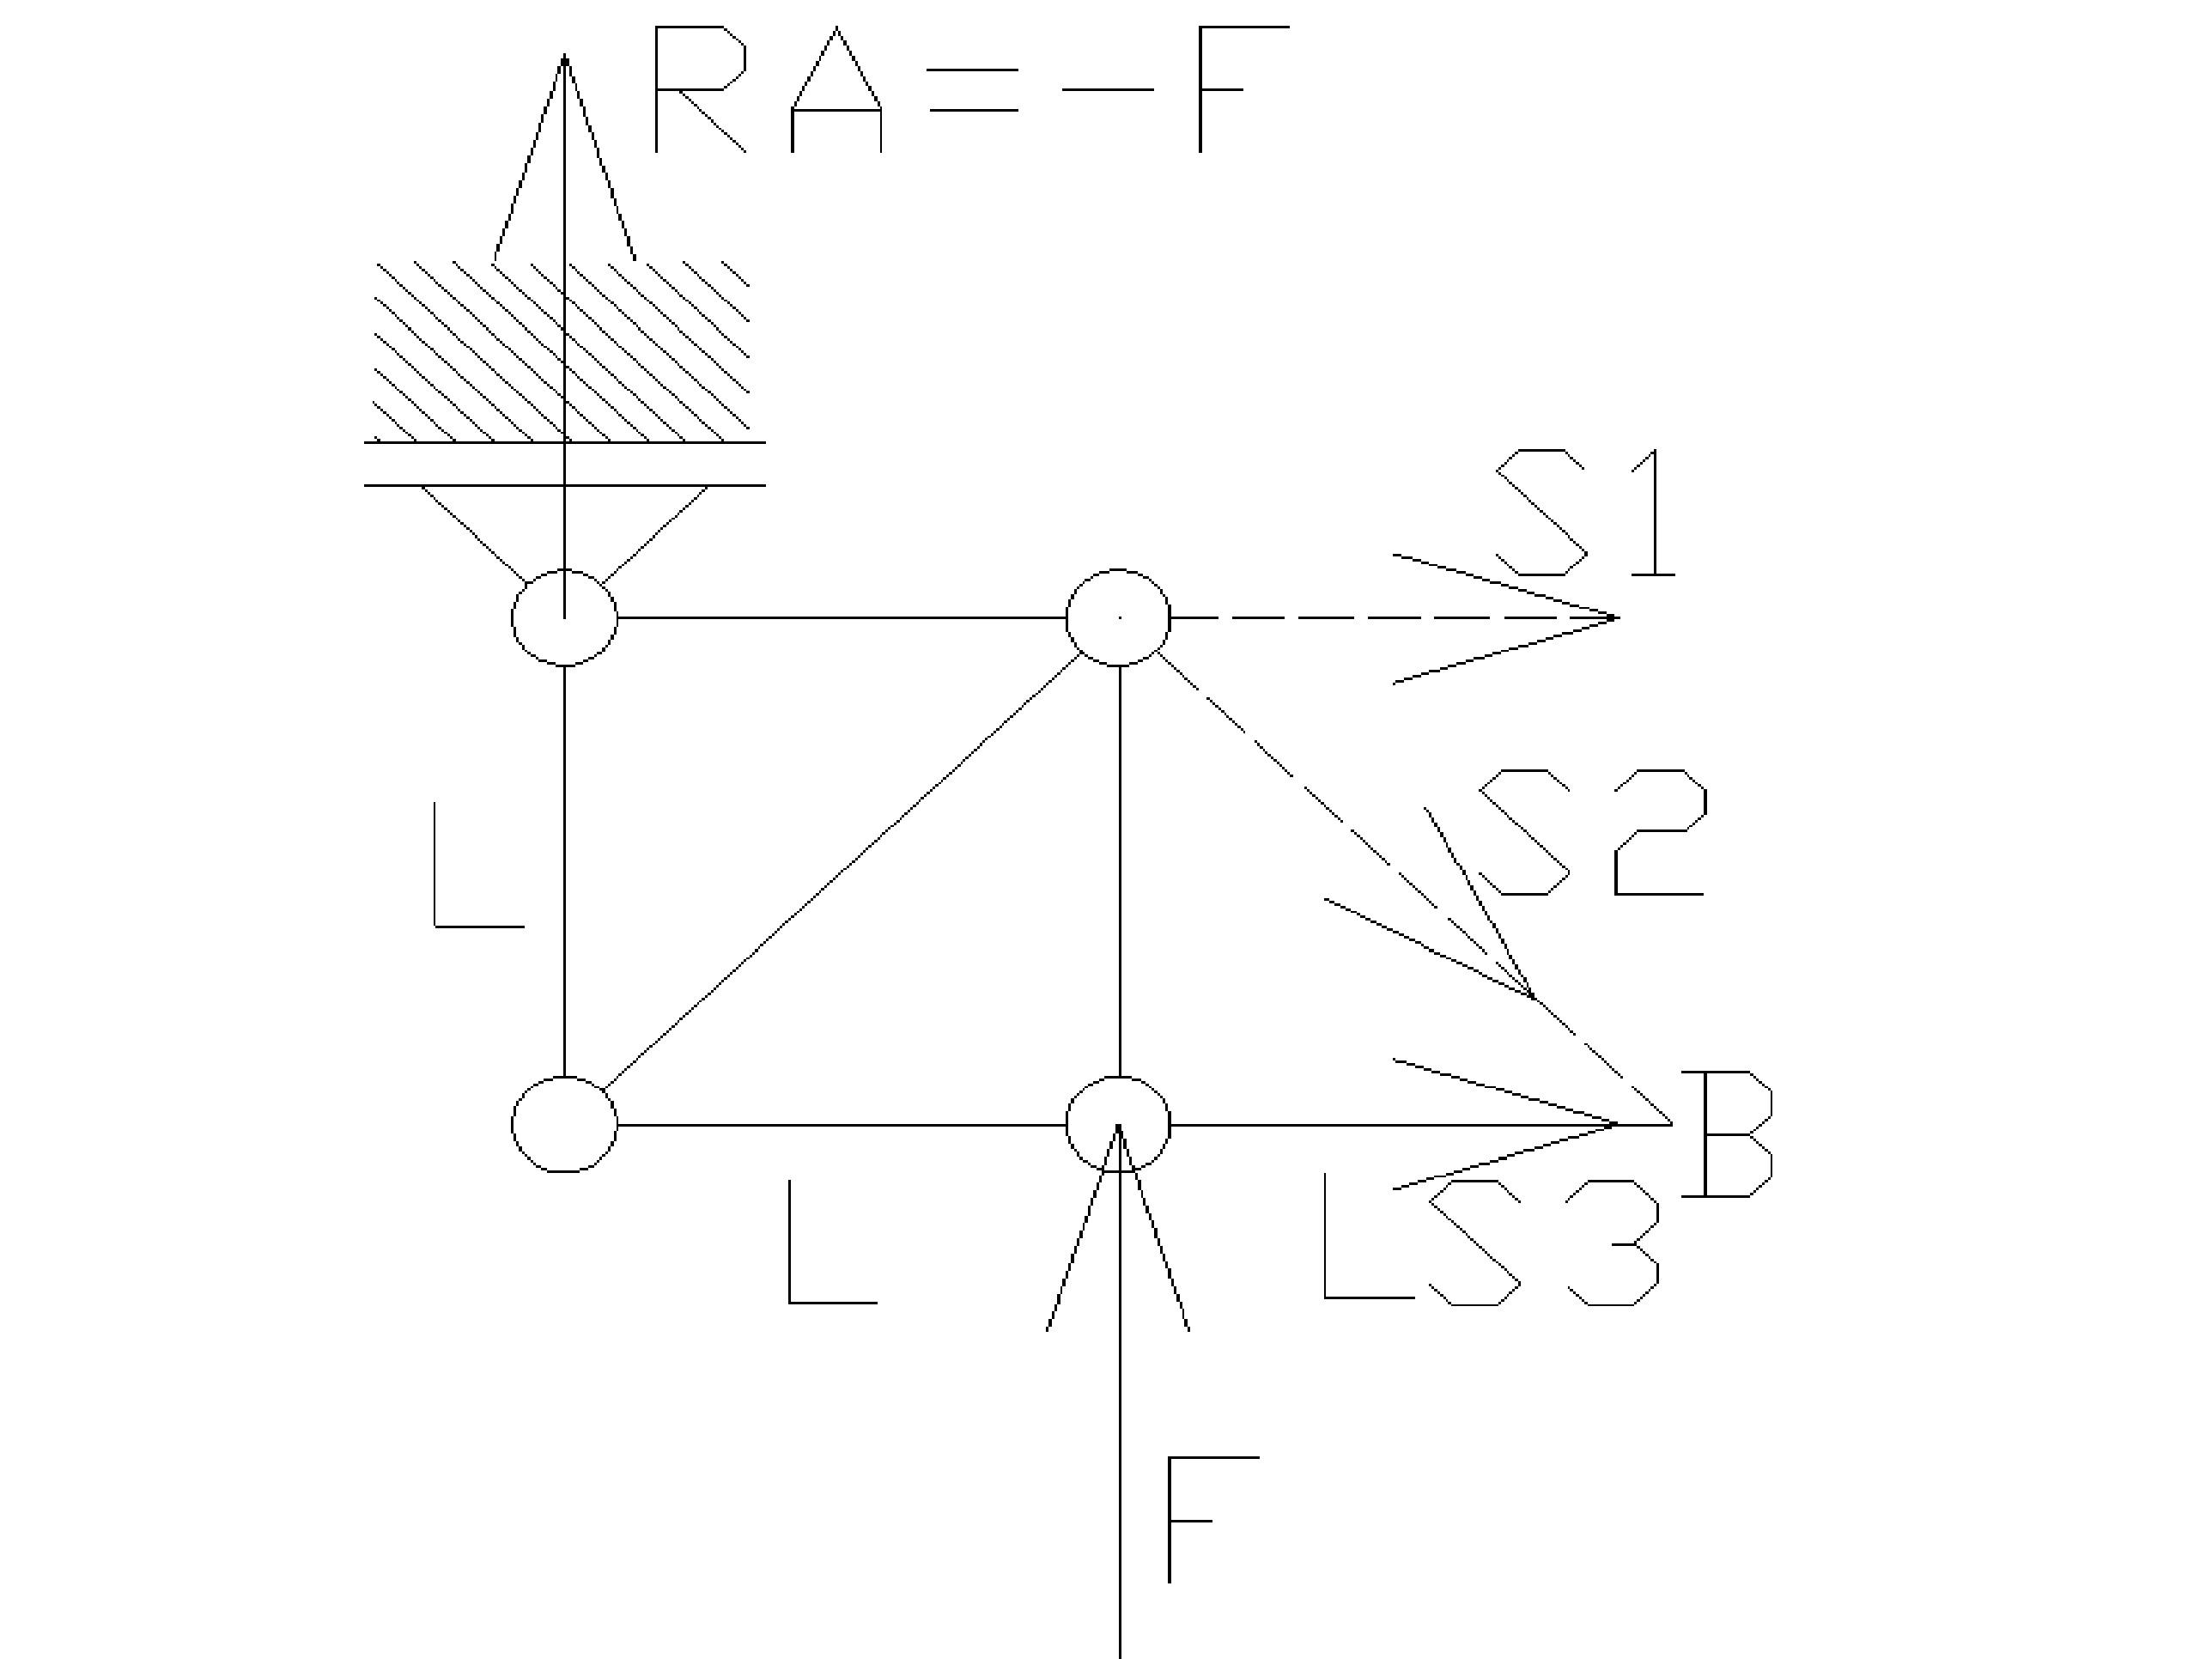 rozciaganie19 - Kratownica - metoda przecięć - statyka -zadanie 28